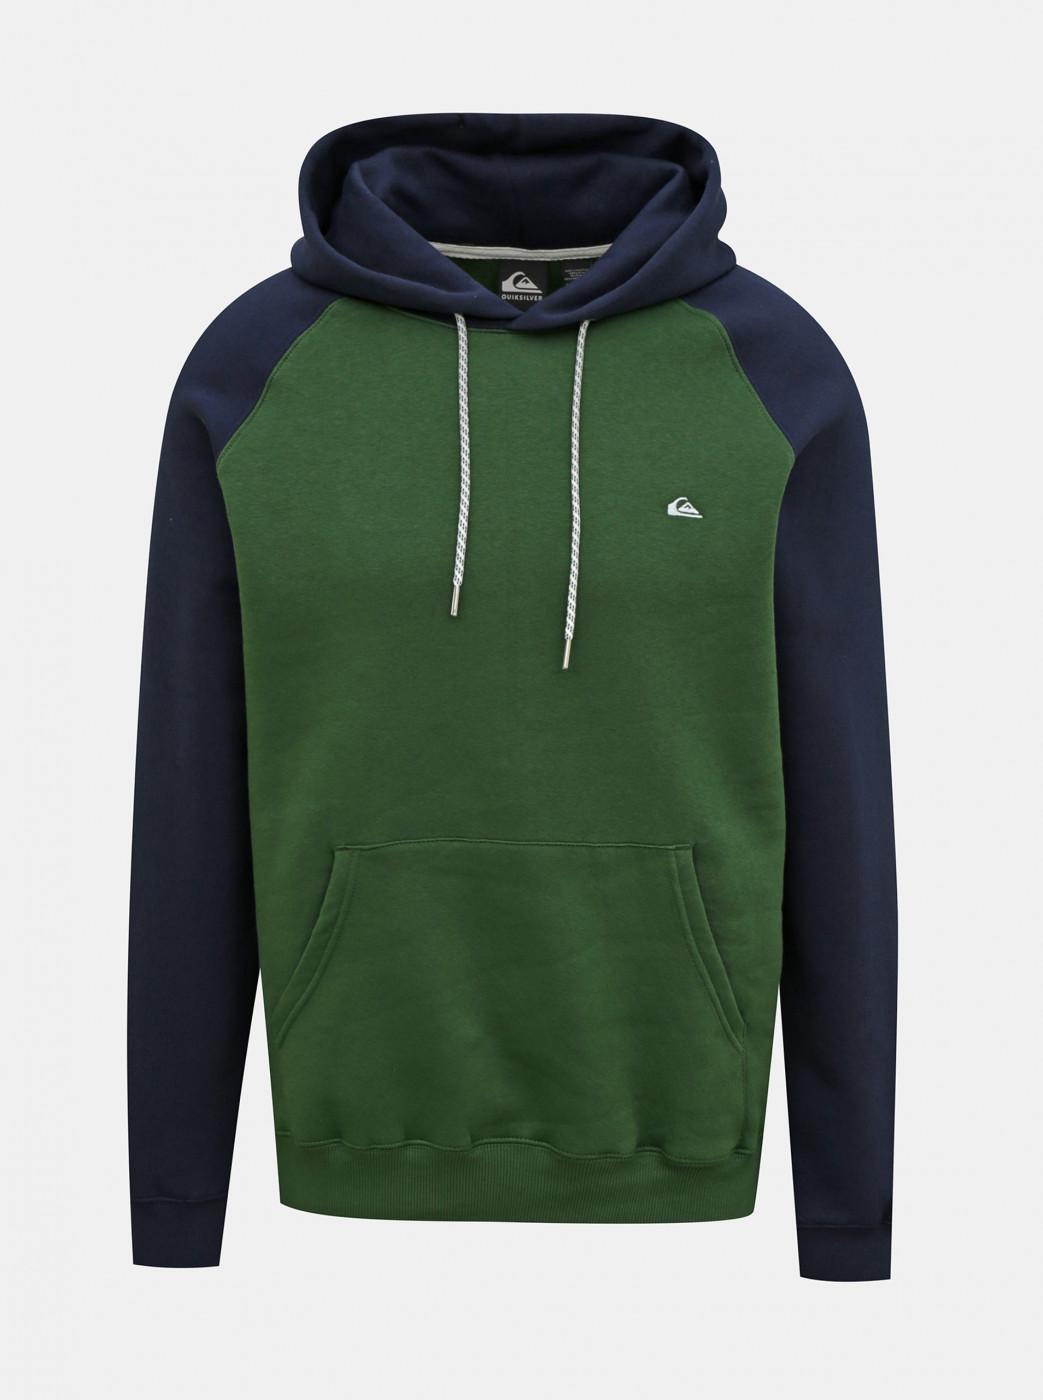 Green Quiksilver Sweatshirt